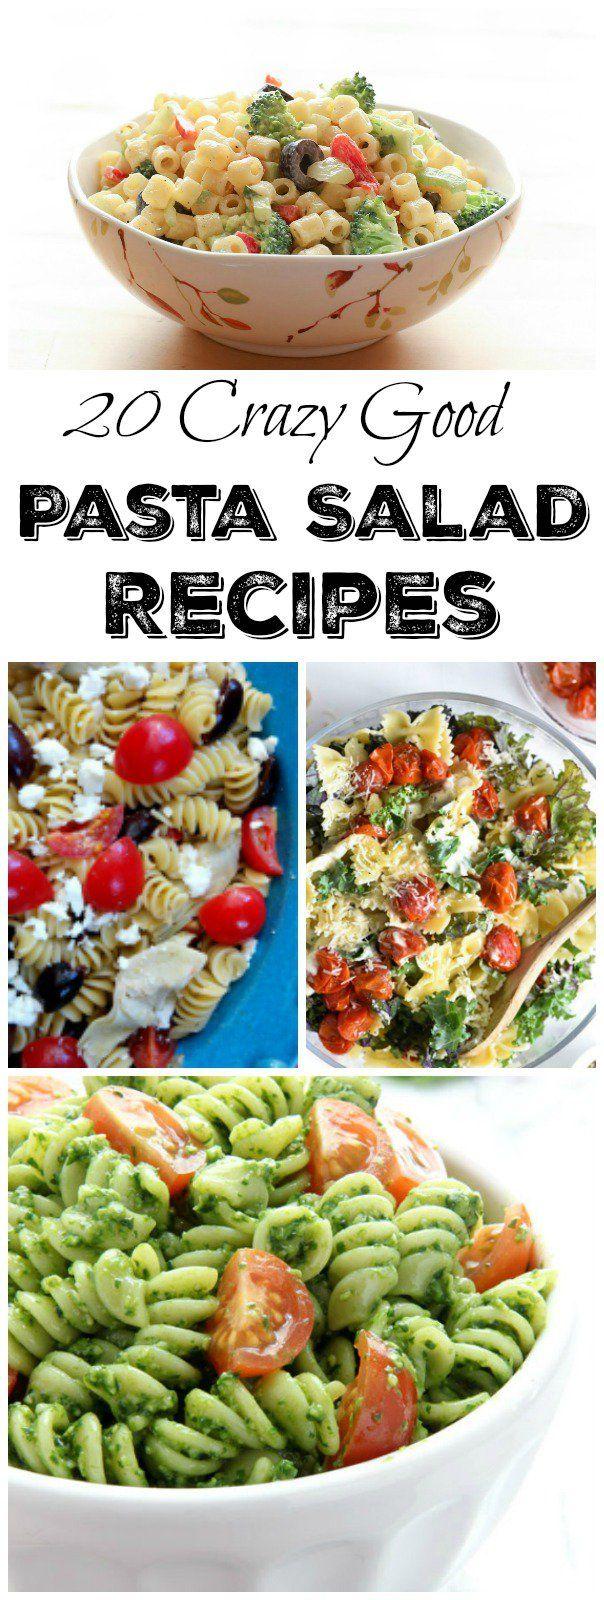 20 Crazy Good Pasta Salad Recipes Perfect For Parties